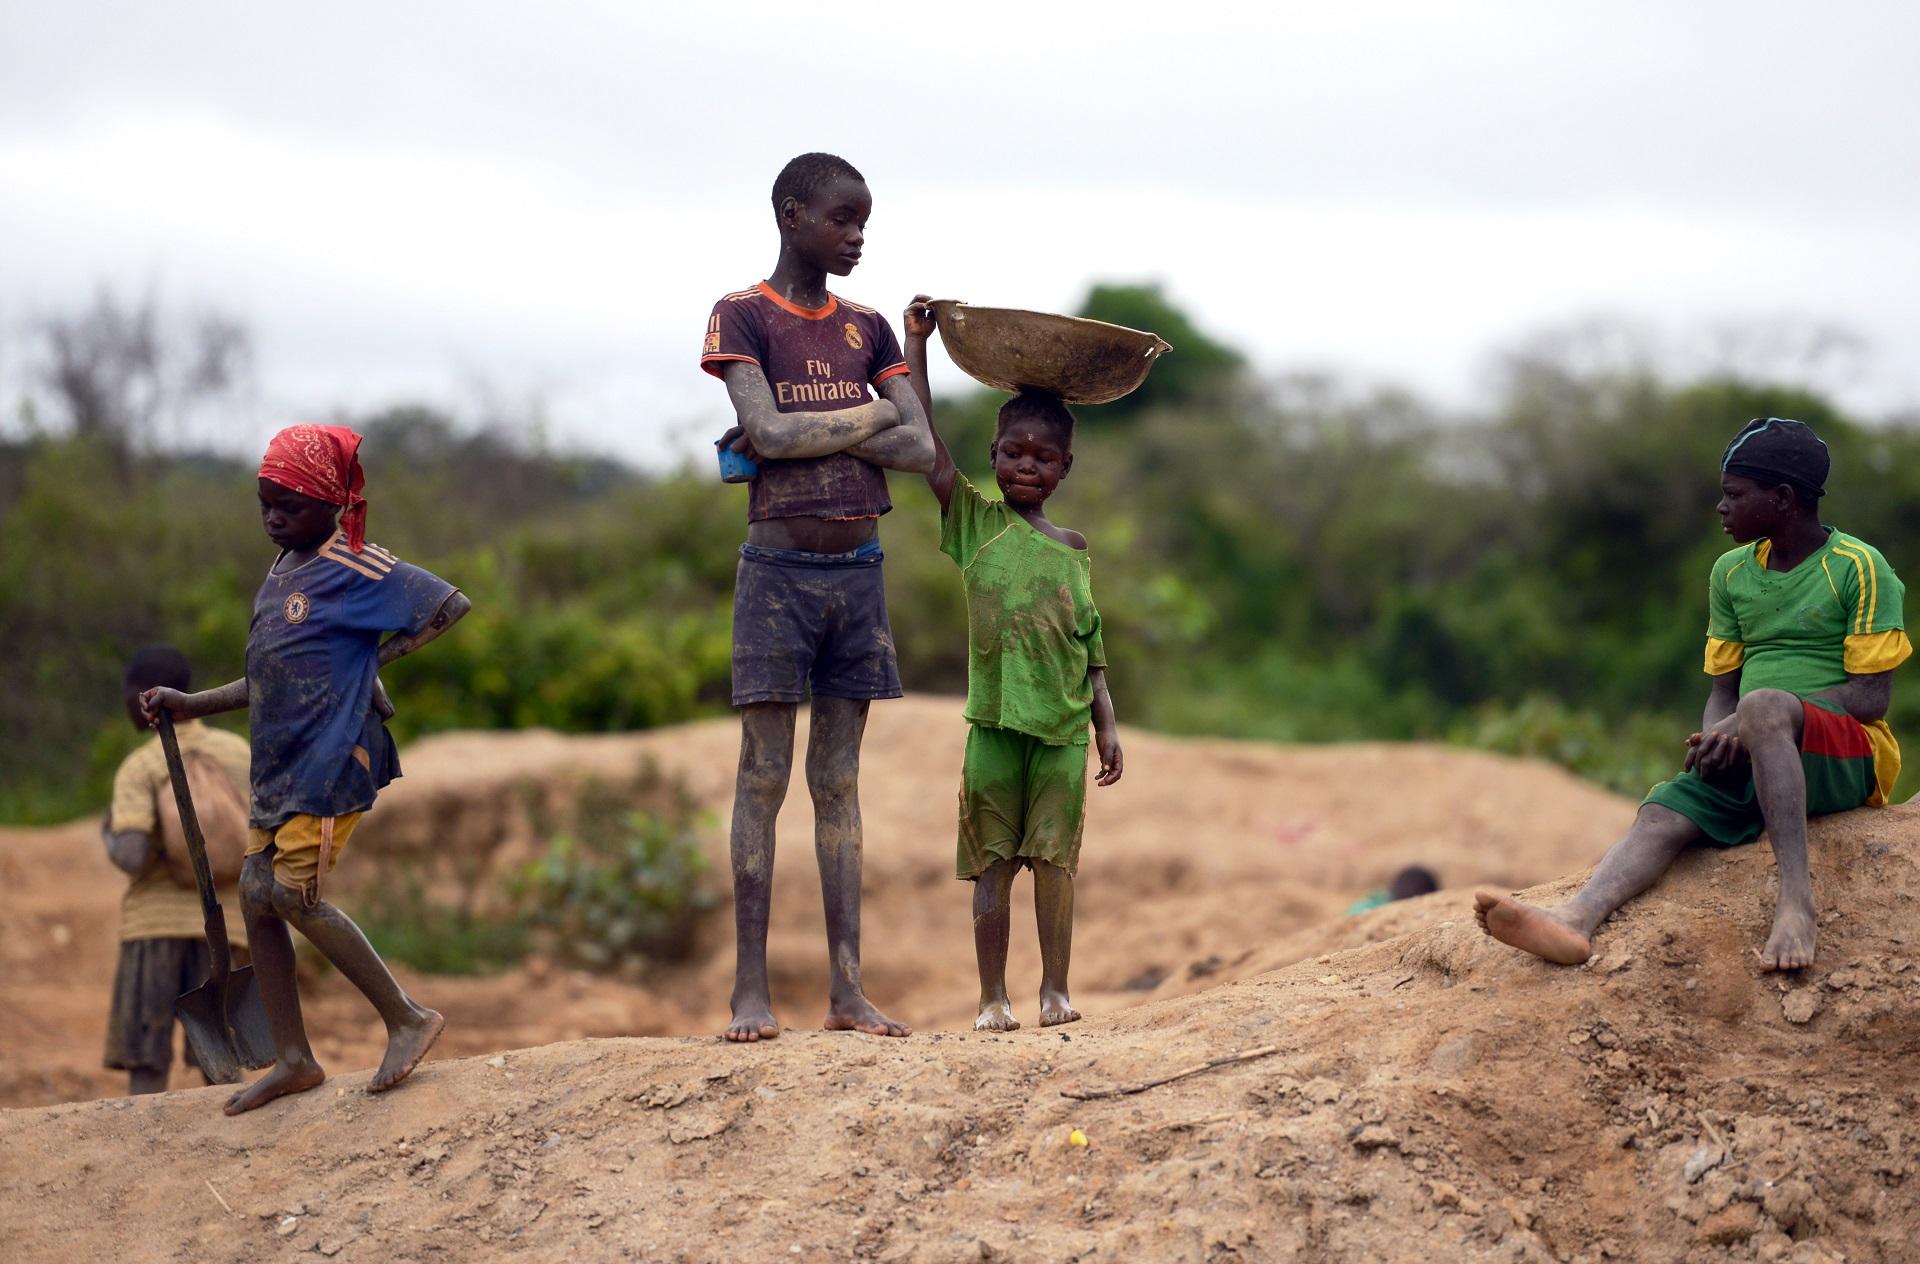 A Közép-Afrikai Köztársaság a legreménytelenebb hely a világon